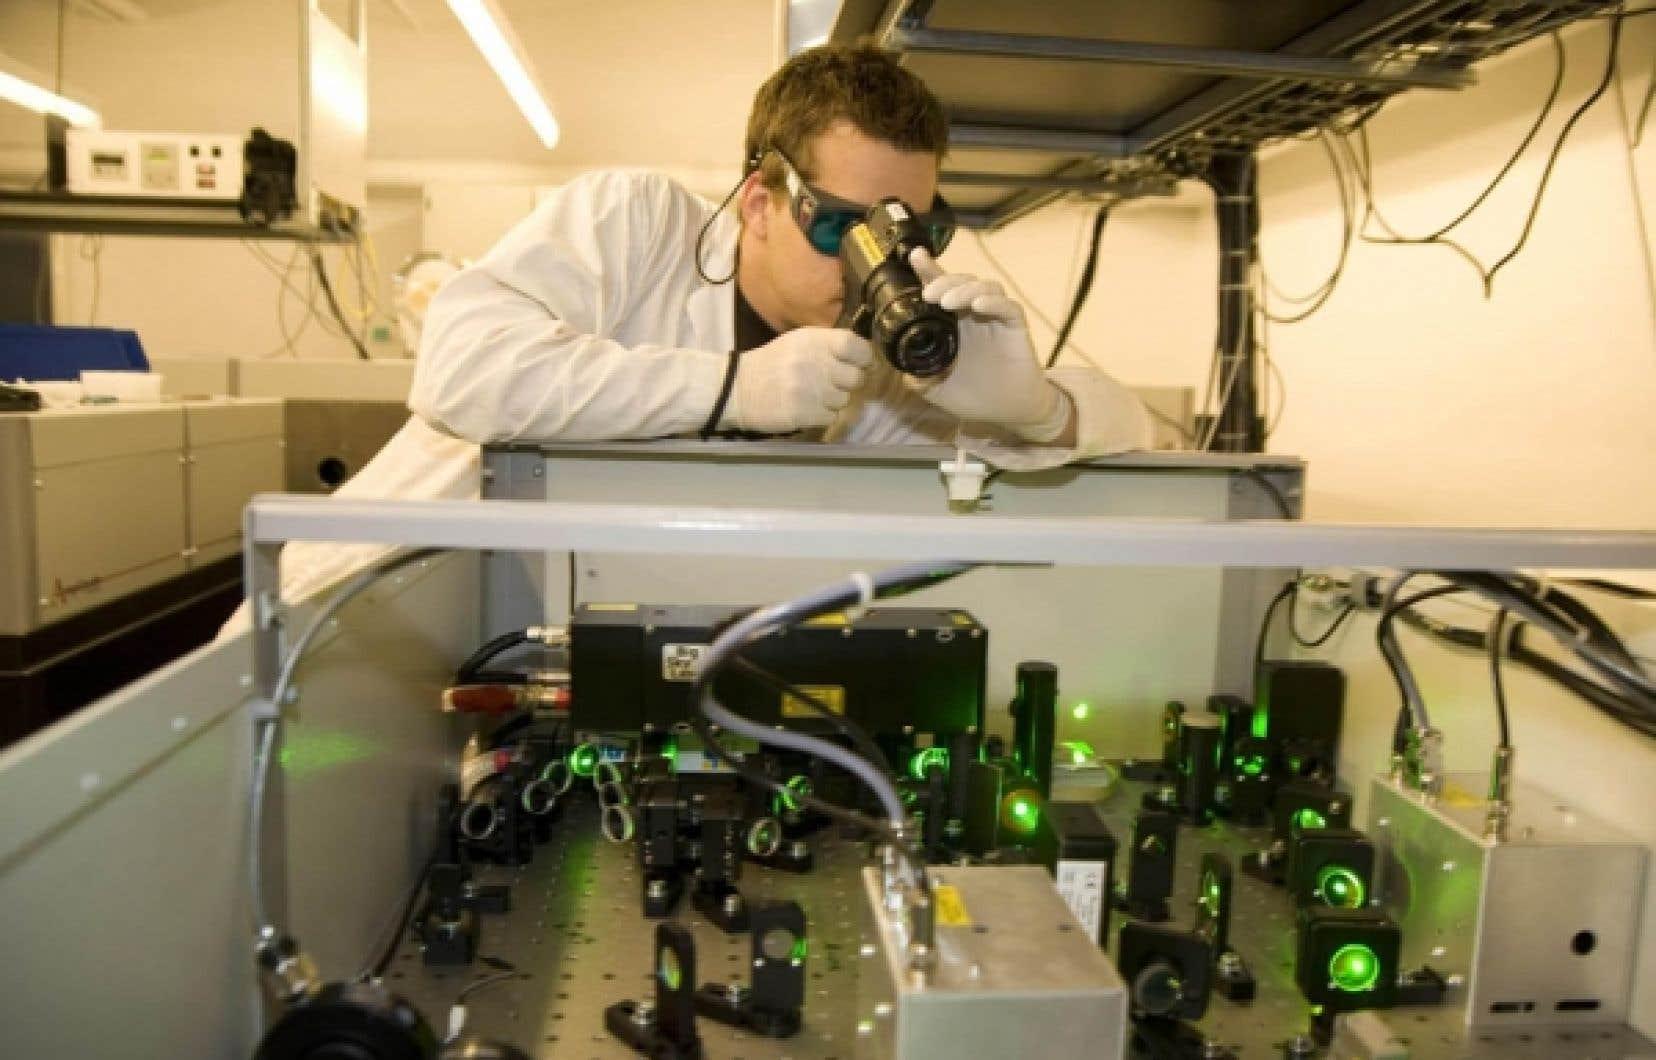 Malgré sa petite taille, l'INRS, constituante de l'Université du Québec, se situe dans le peloton de tête des universités canadiennes quant à son intensité de recherche. <br />